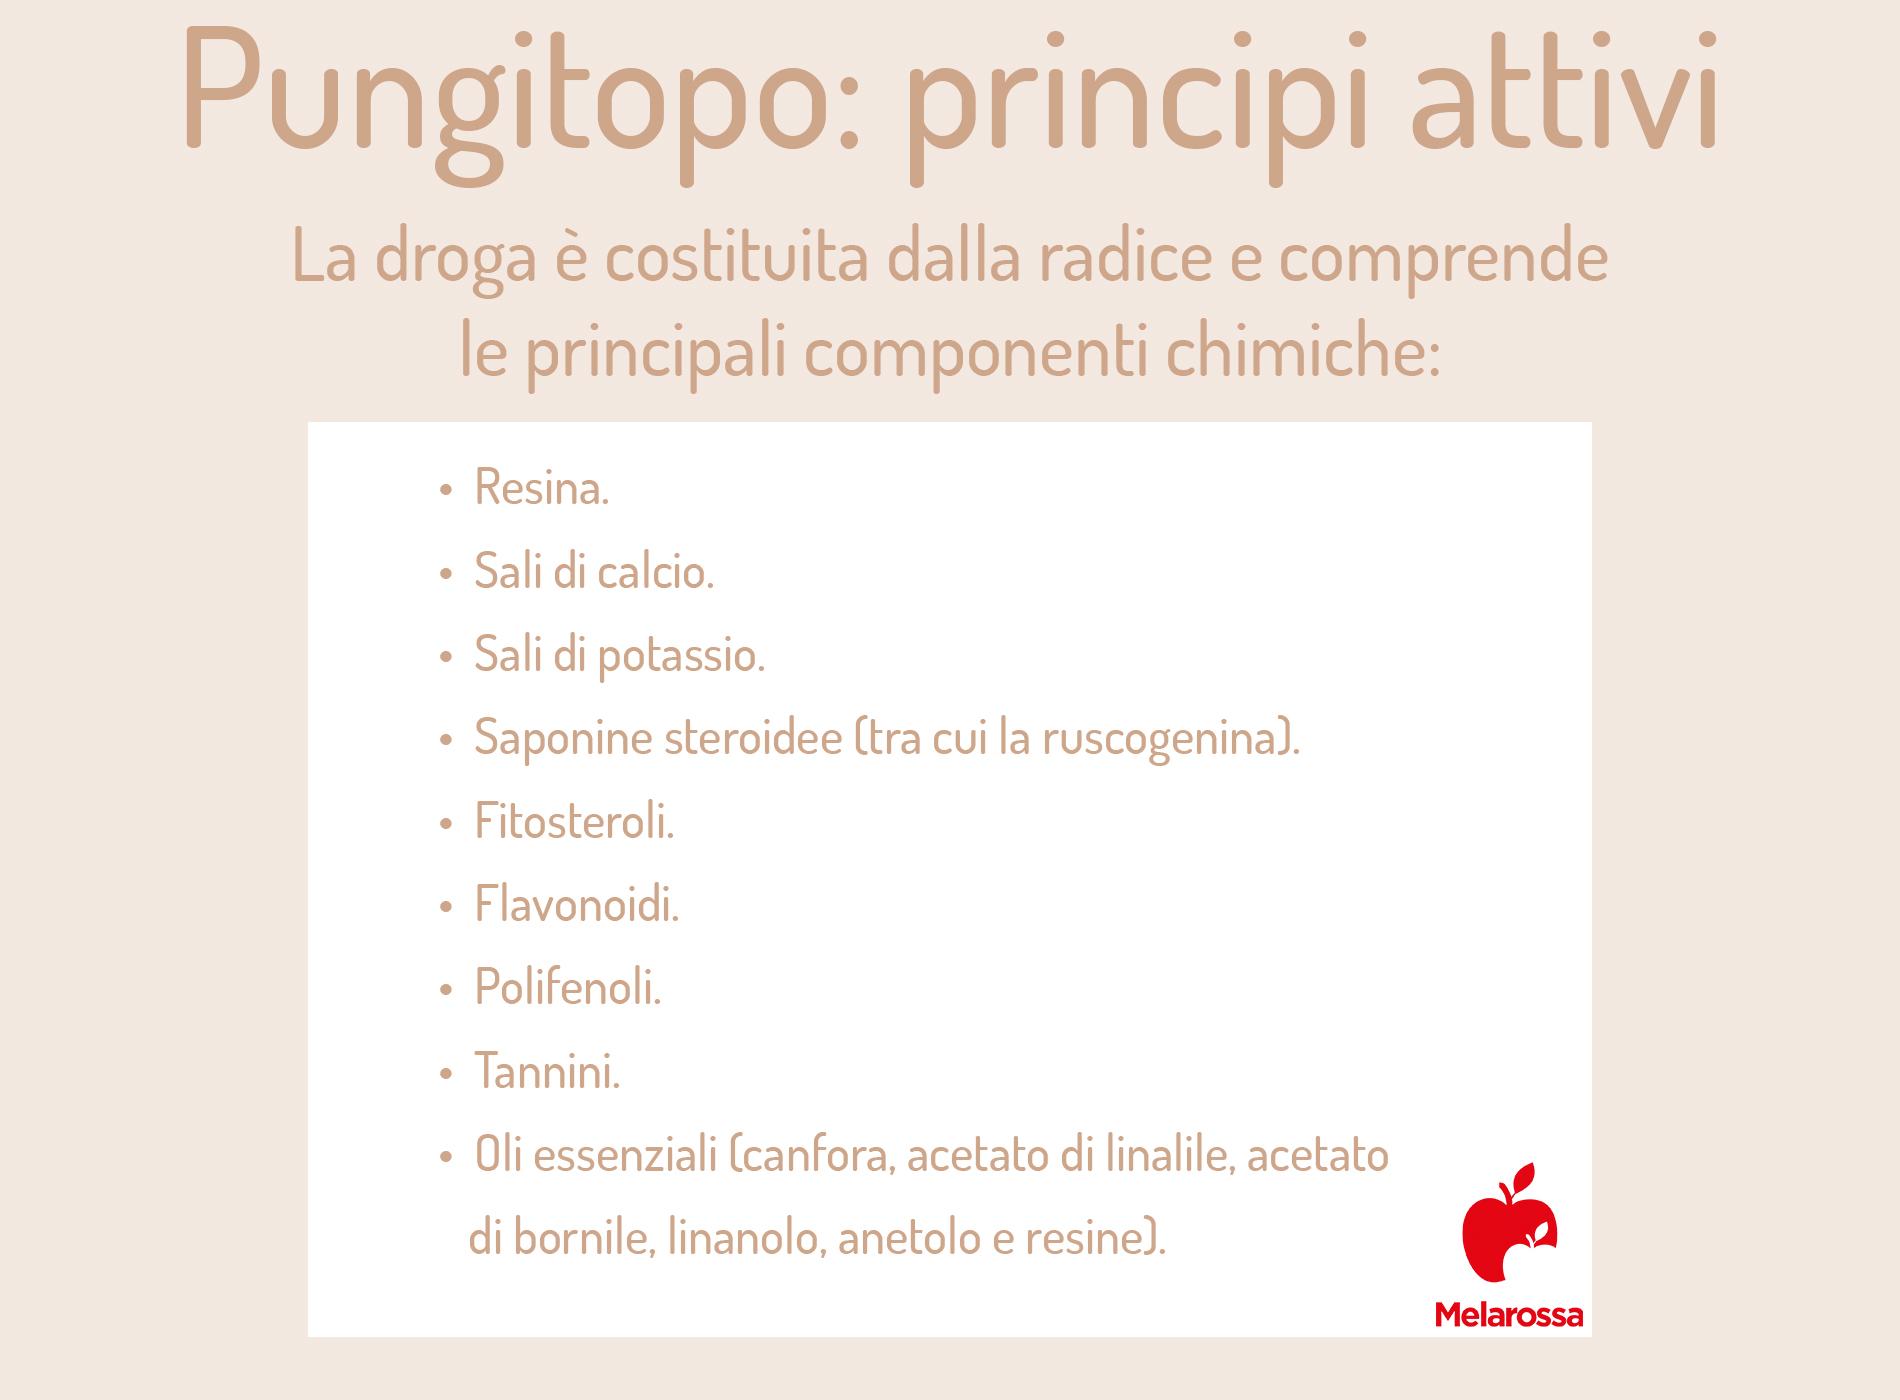 pungitopo: principi attivi